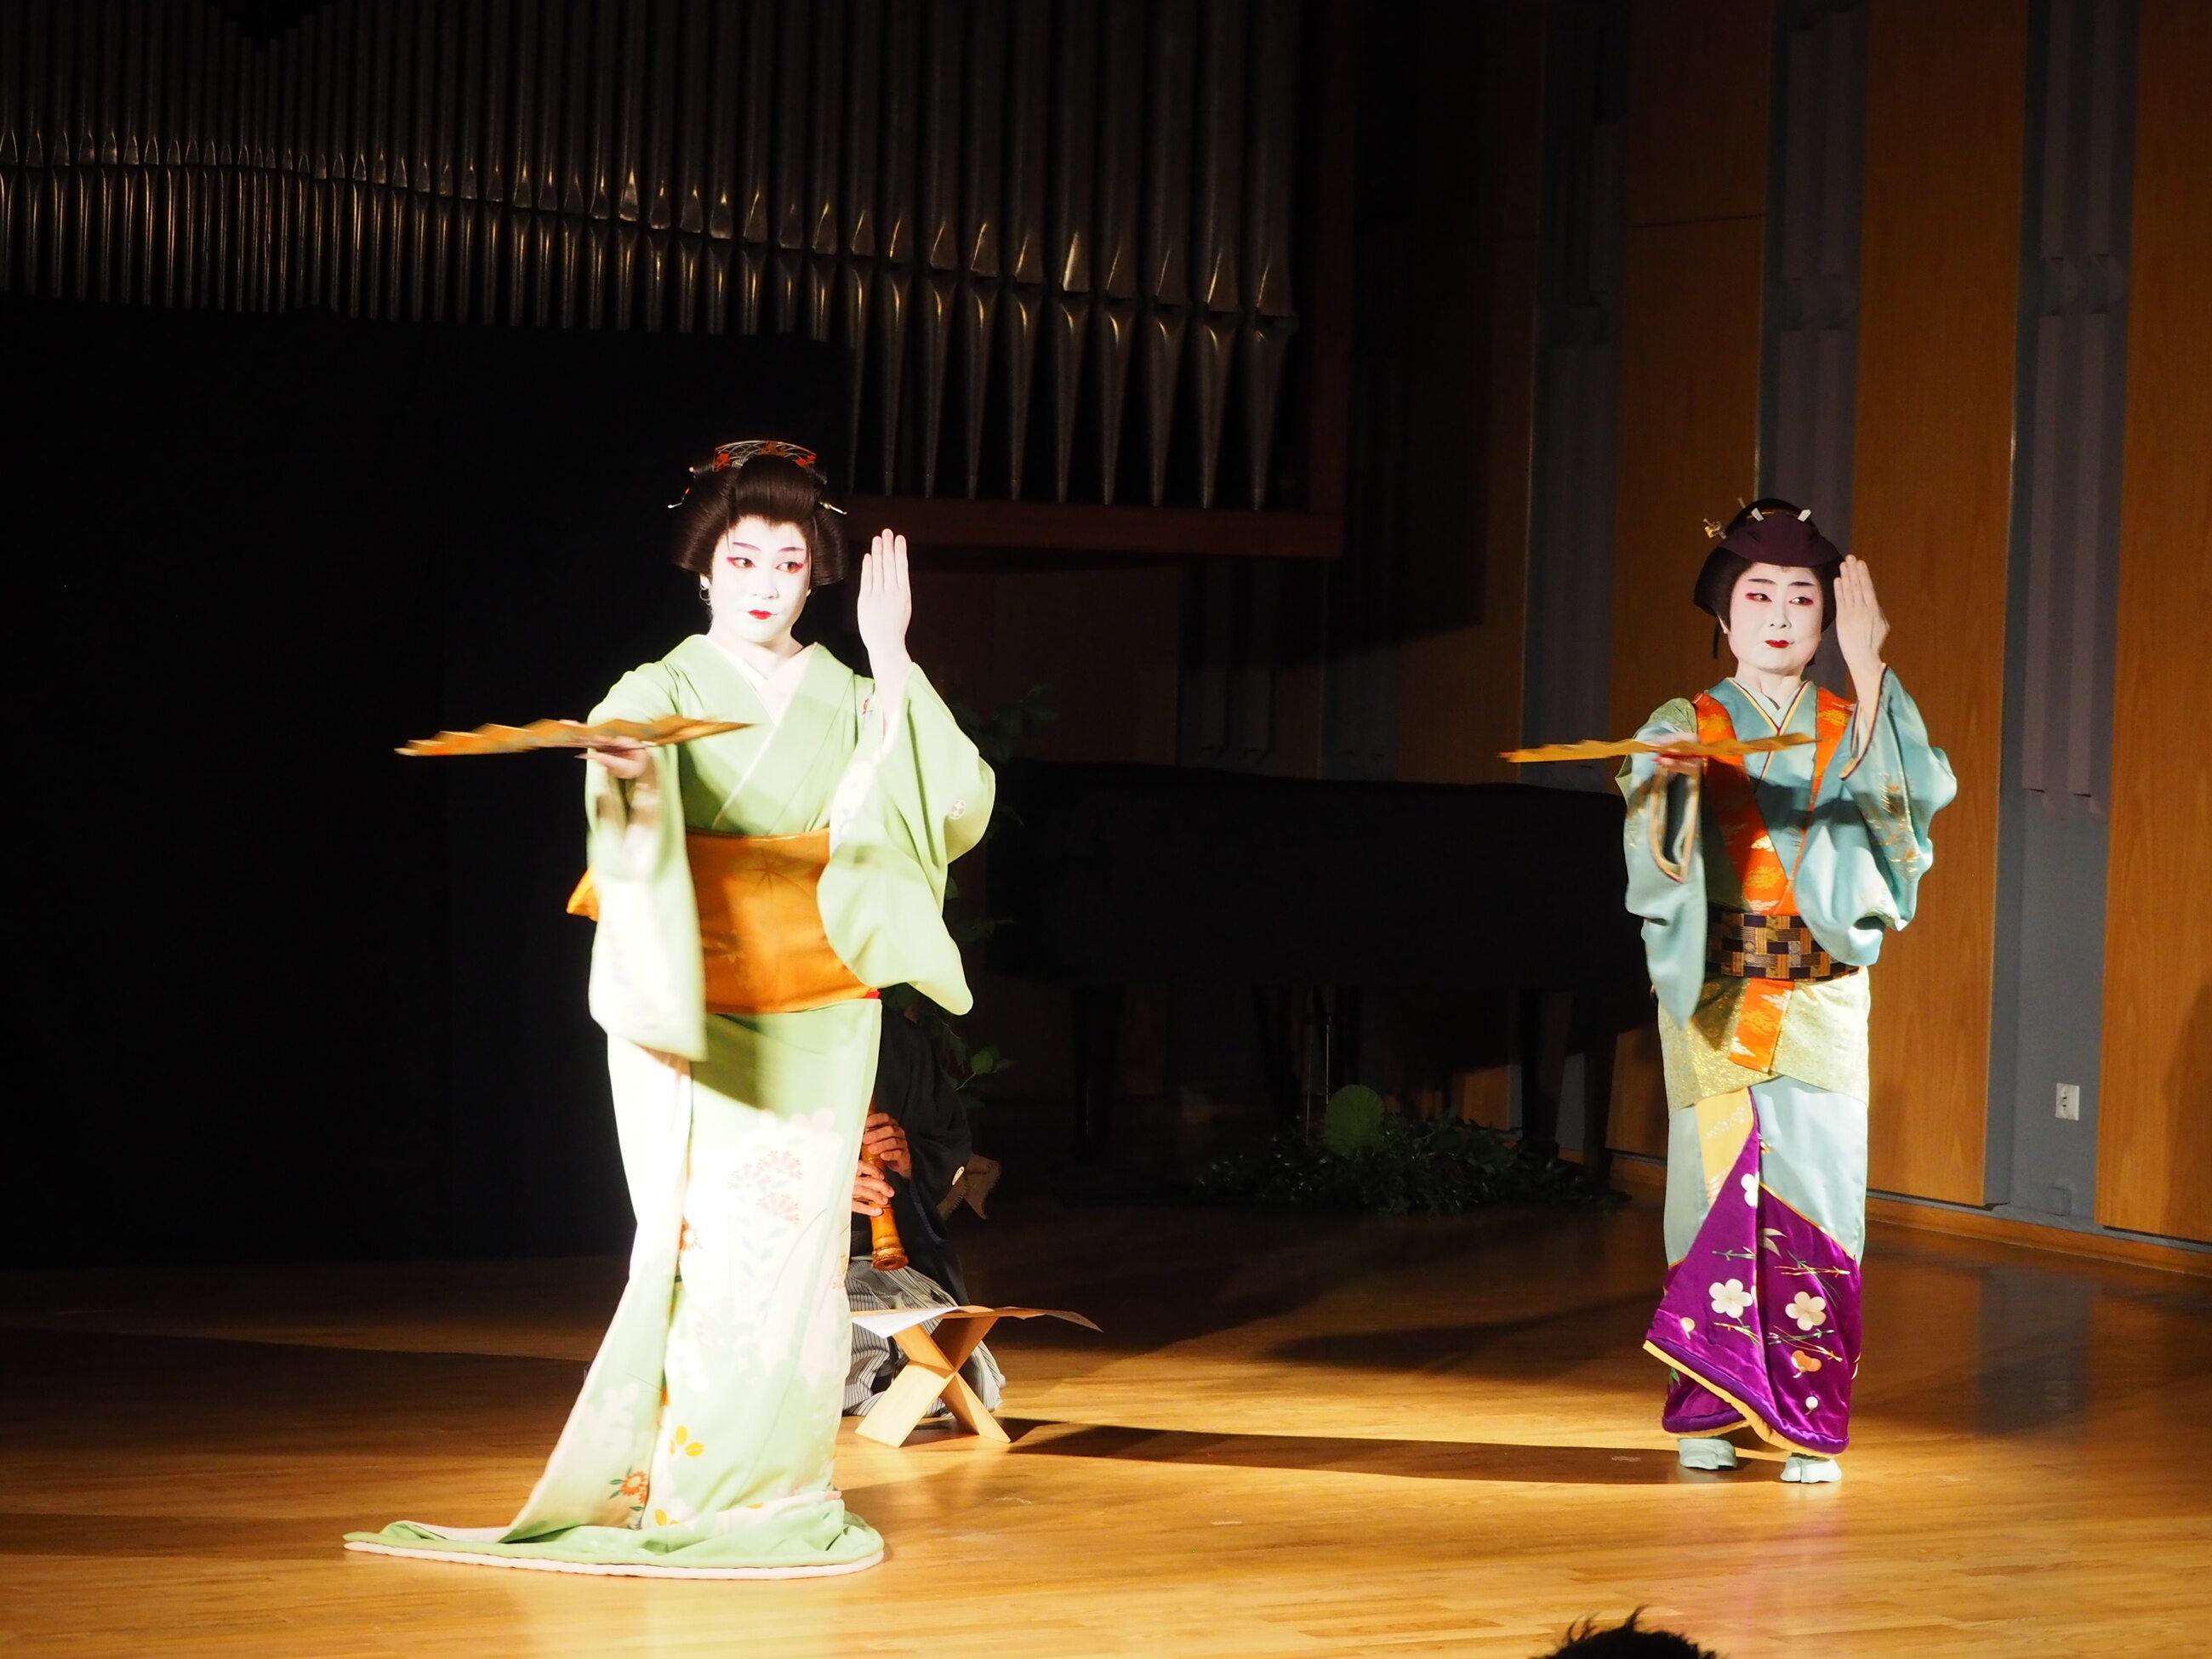 Hana Umeda i Hanasaki Tokijyo